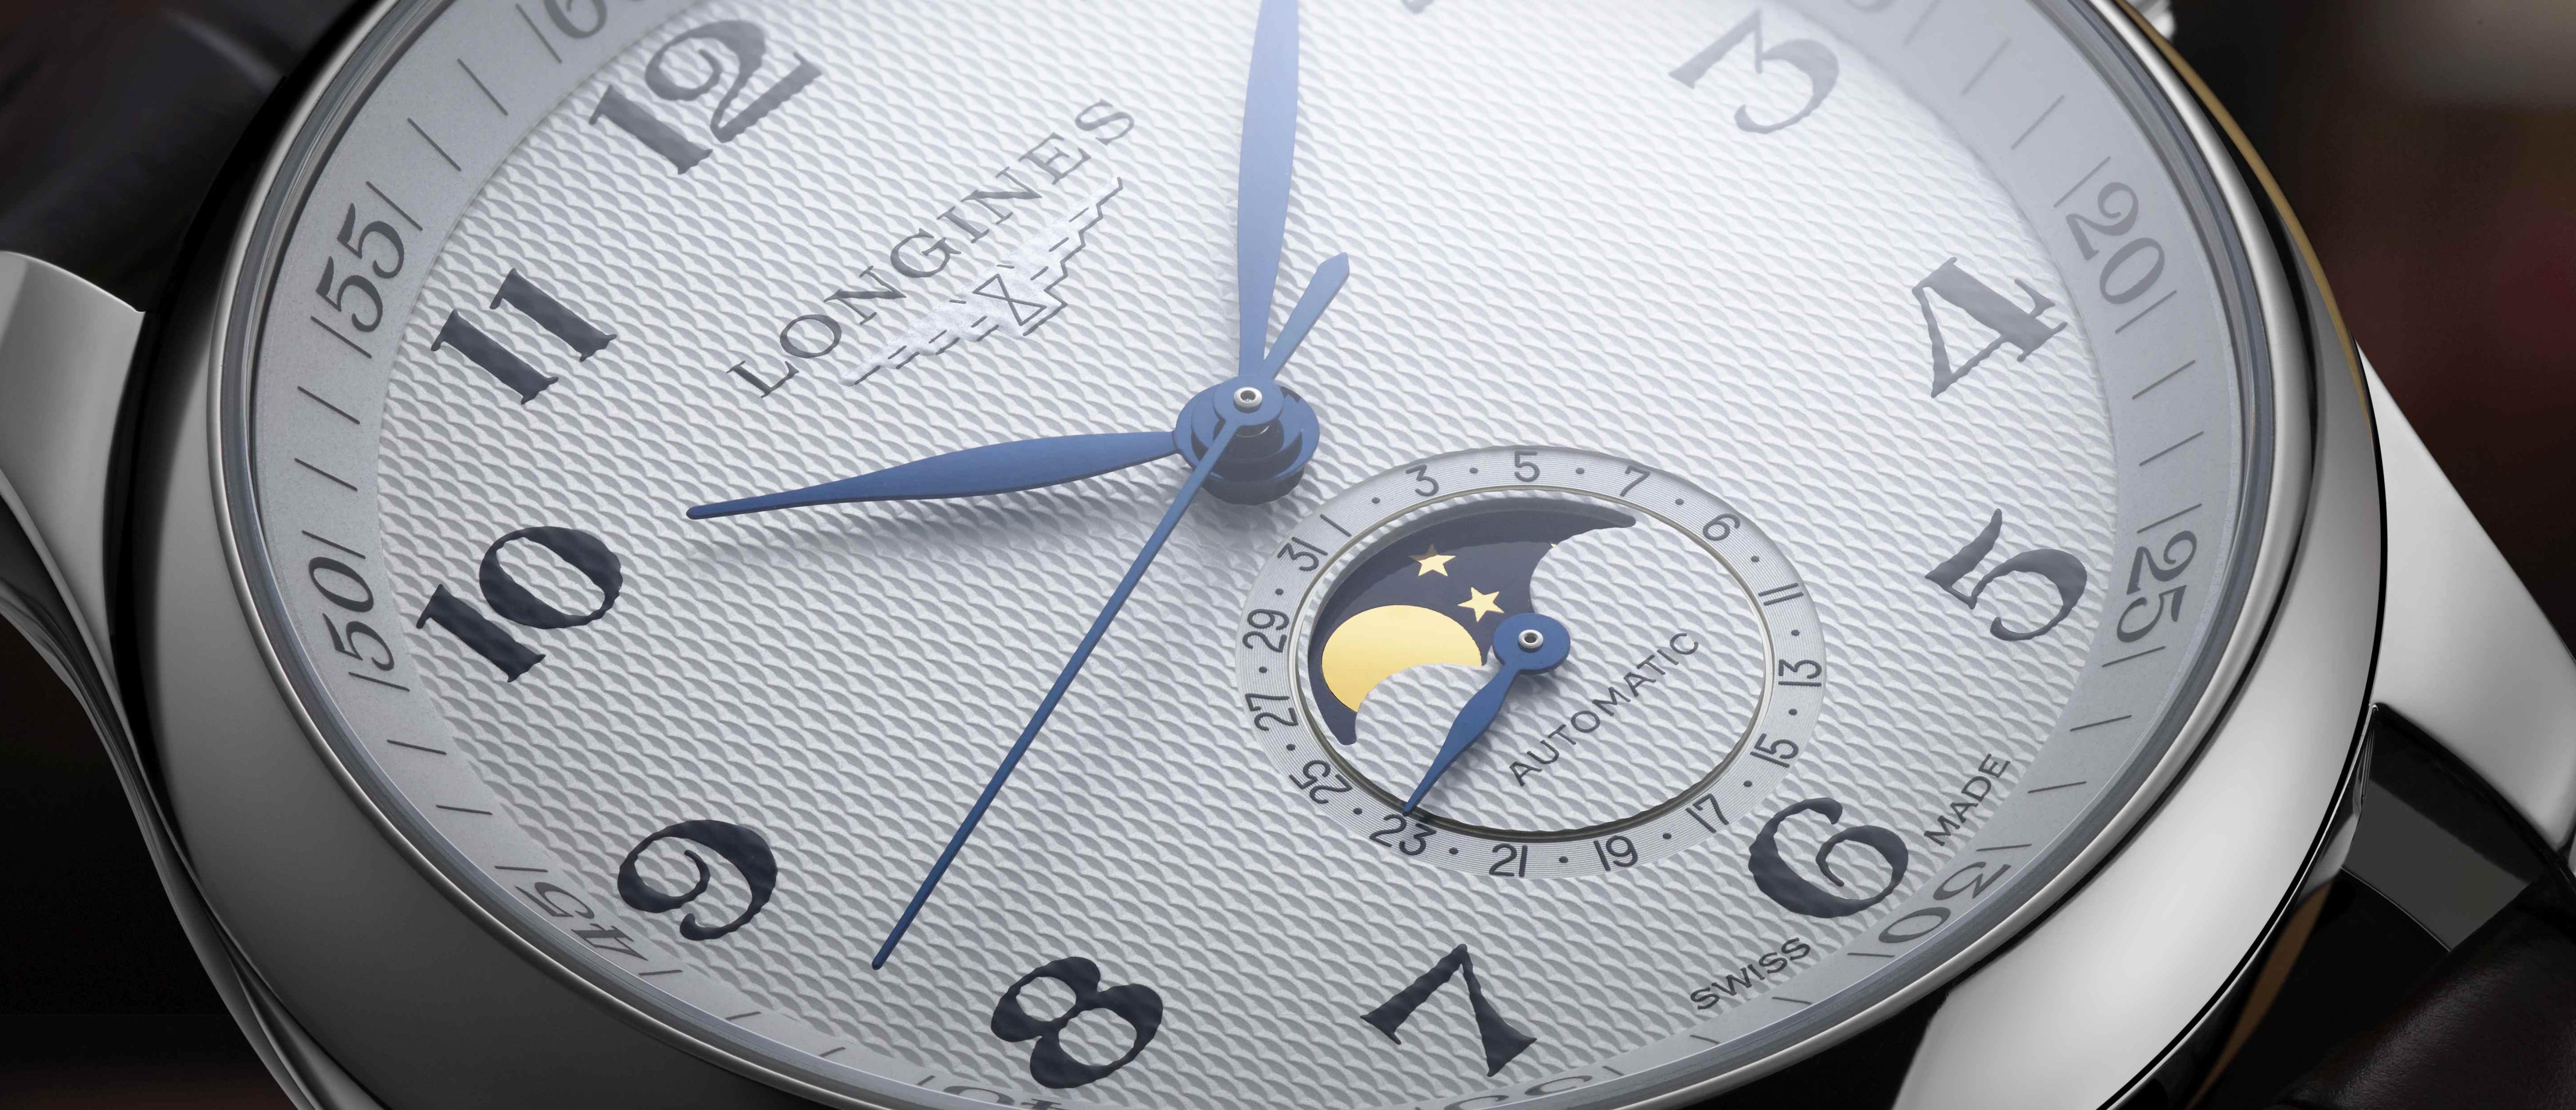 Die Longines Master mit Datum und Mondphasenanzeige bei sechs Uhr.